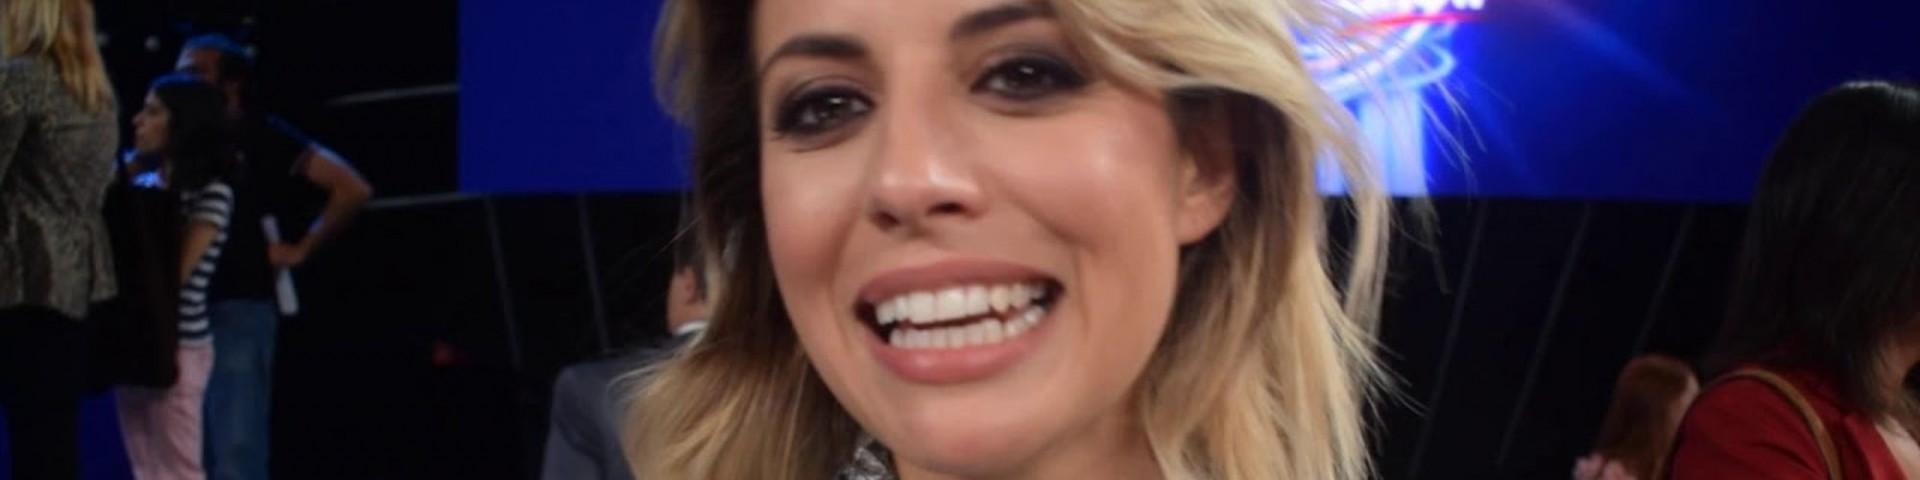 """Lidia Schillaci a Tale e Quale Show: """"Da Operazione Trionfo a Ramazzotti"""" (Video)"""